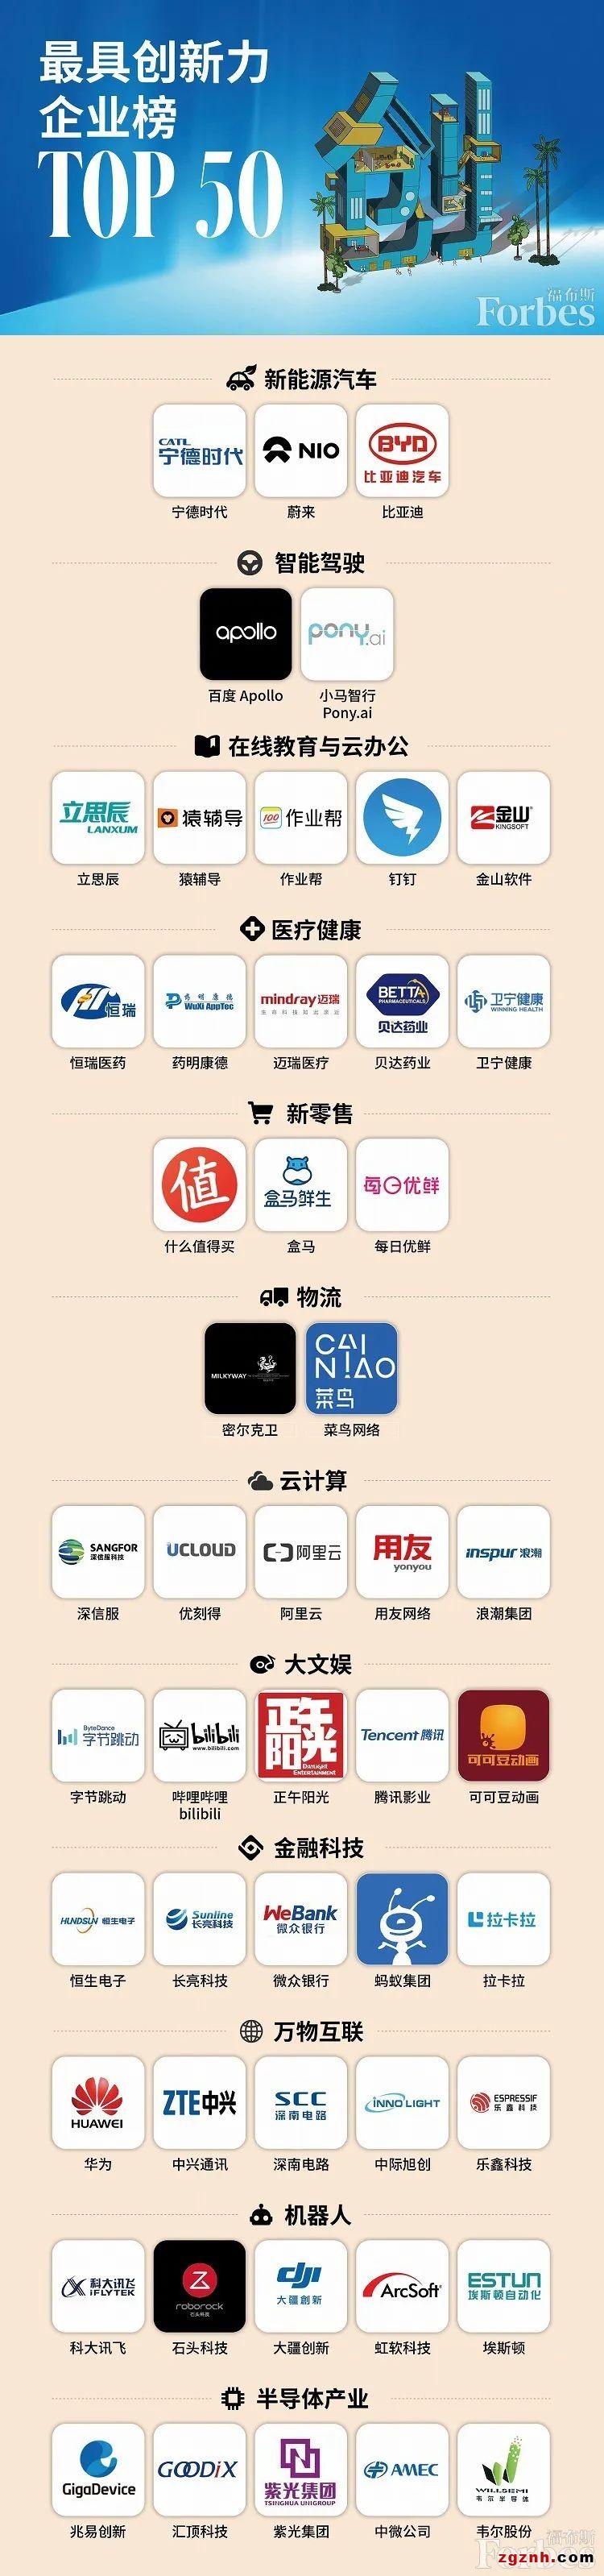 """埃斯顿自动化荣登""""2020年中国最具创新力企业榜"""""""